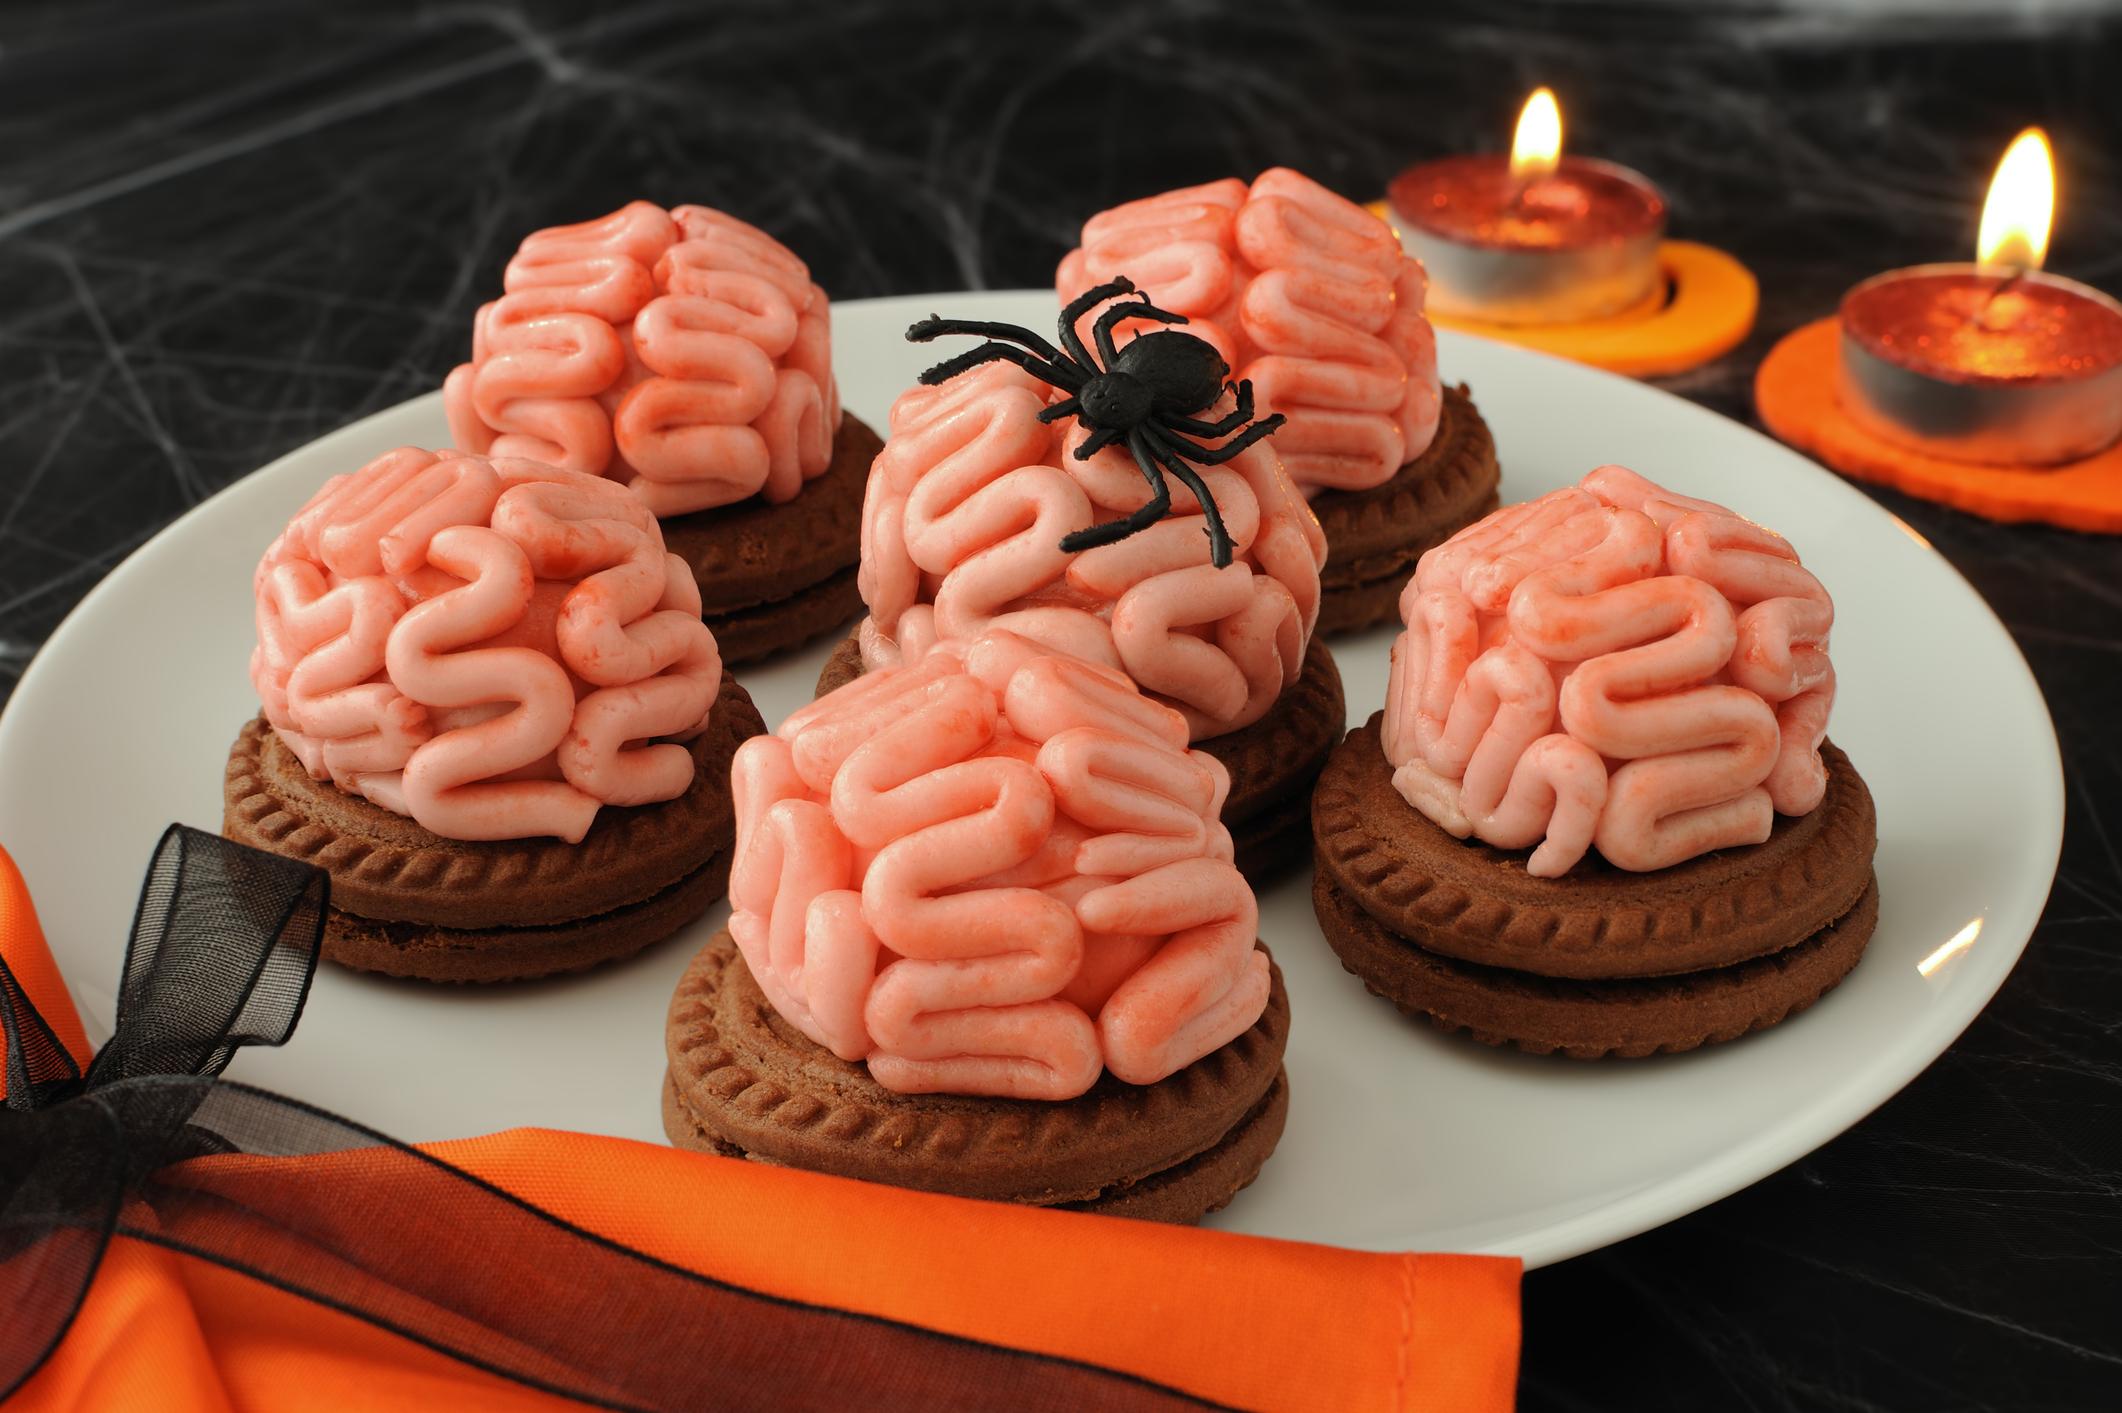 Gehirn-Kekse